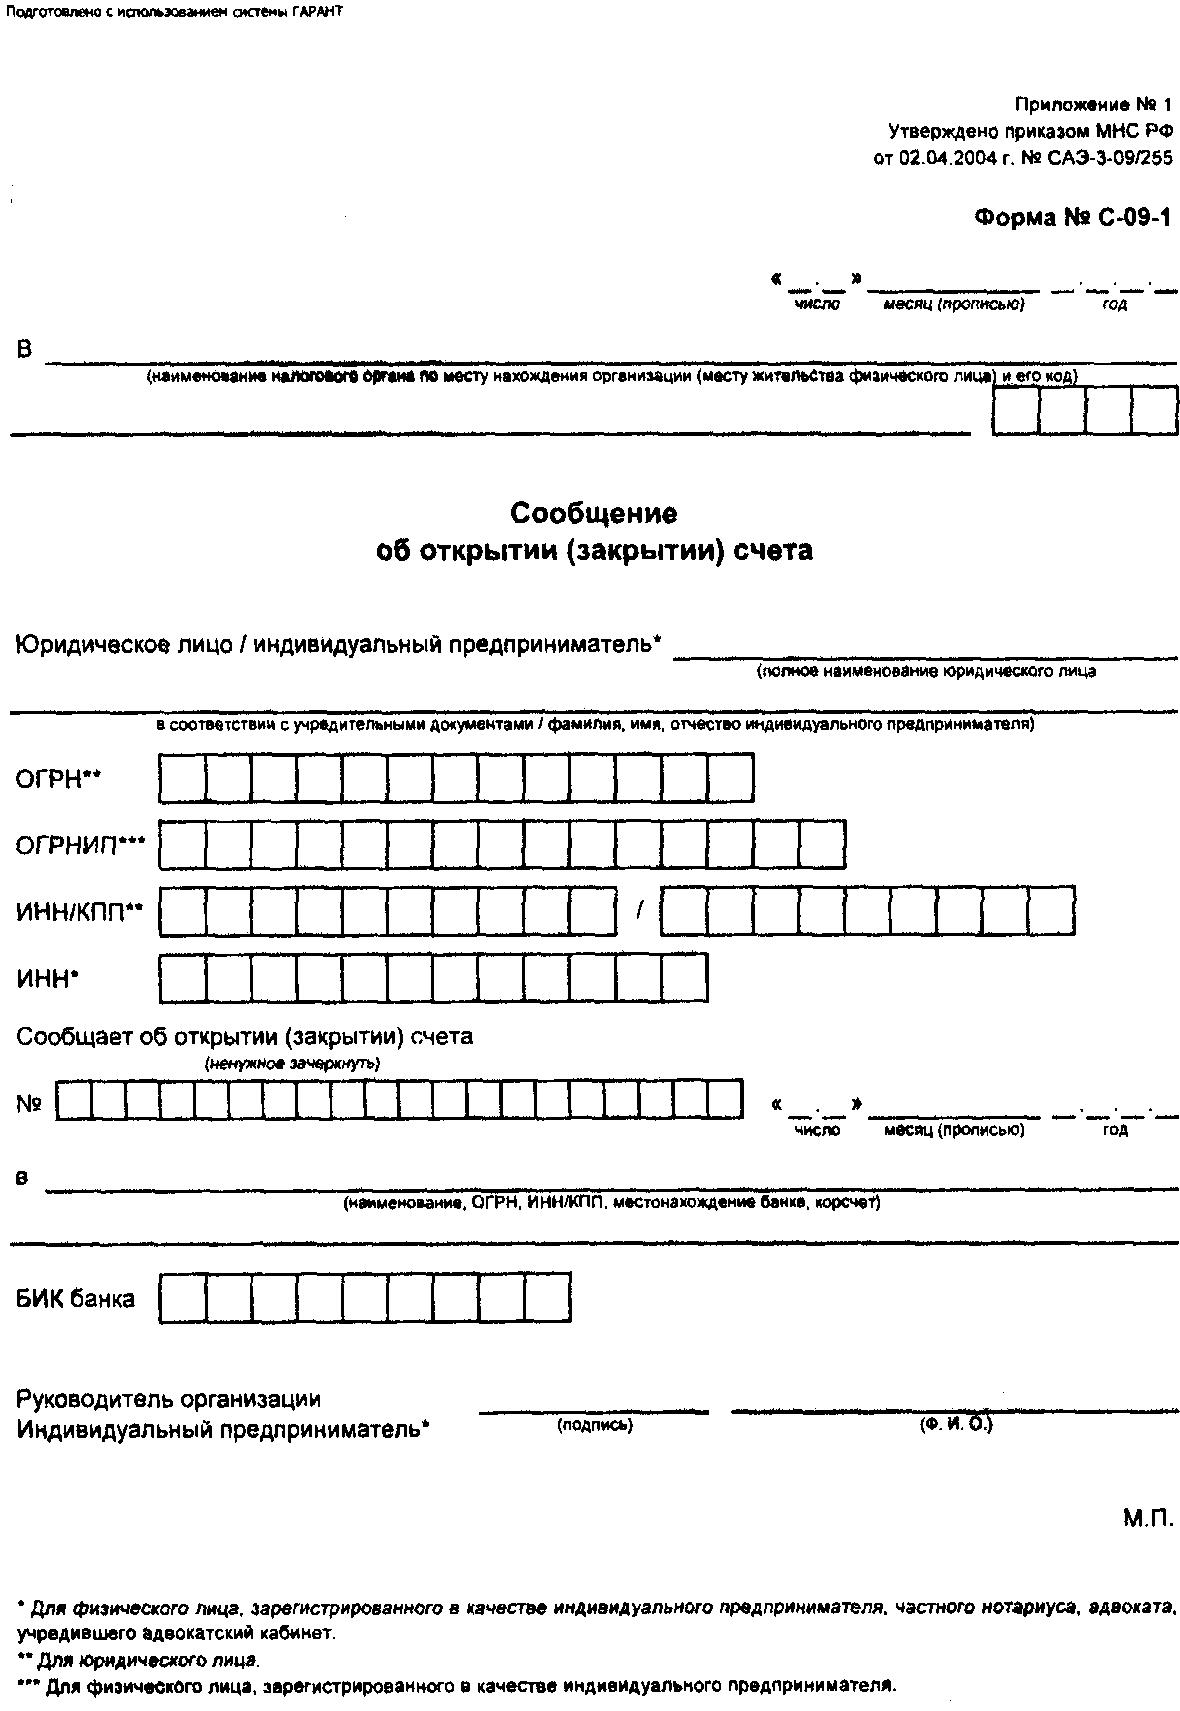 бланк уведомления об открытии (закрытии) счета в фсс